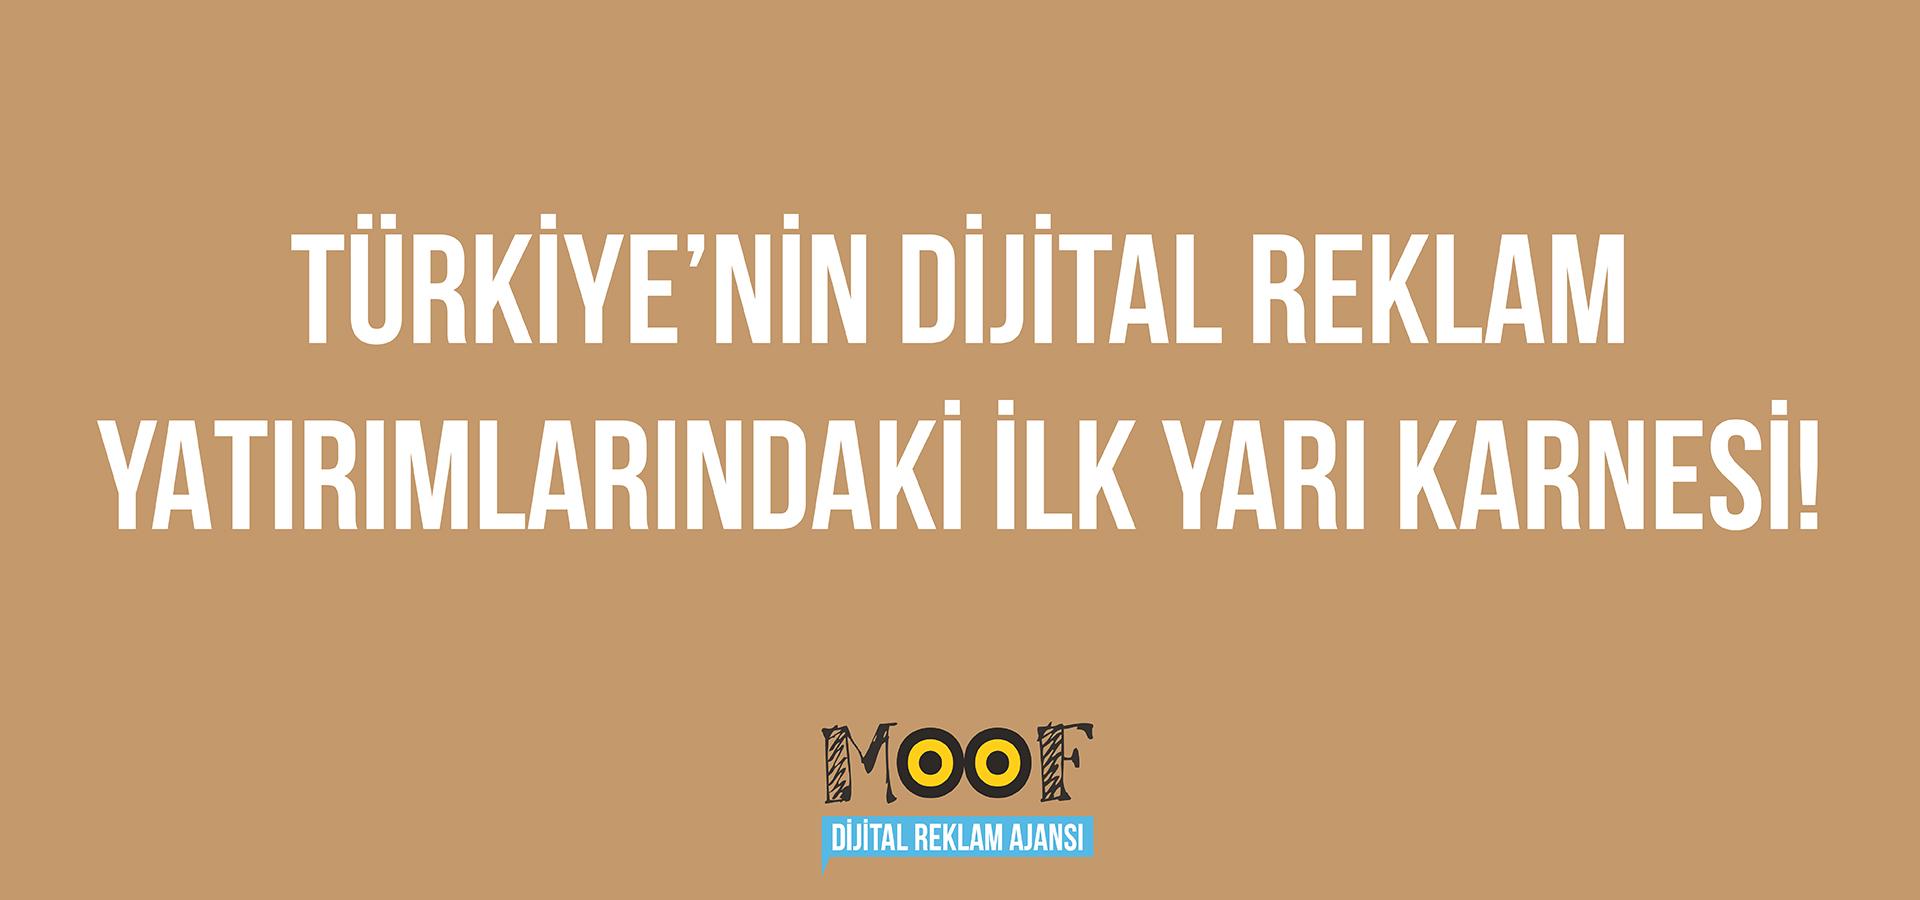 Türkiye'nin Dijital Reklam Yatırımlarındaki İlk Yarı Karnesi